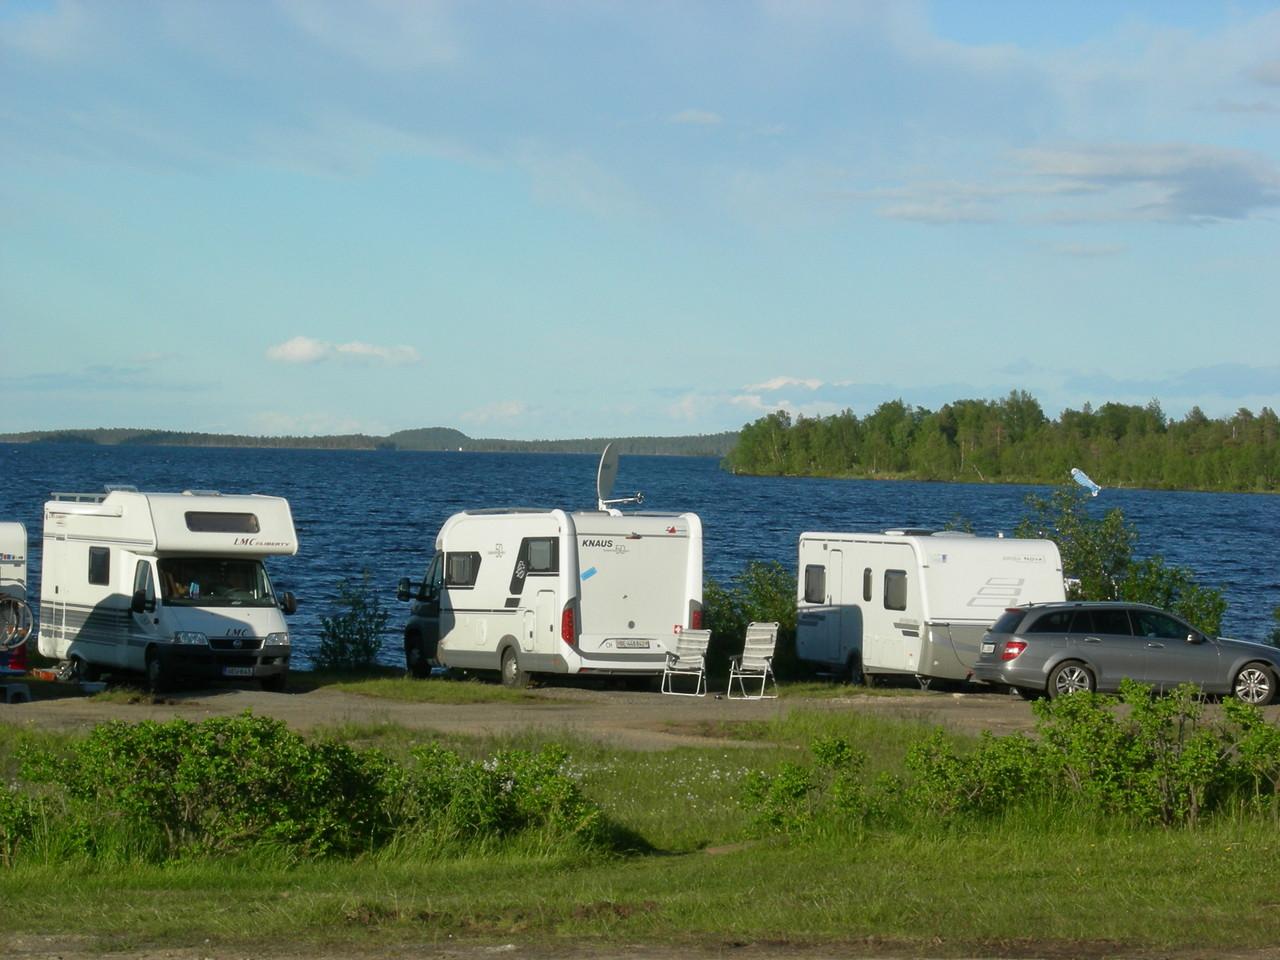 1. Campingplatz seit 4 Wochen